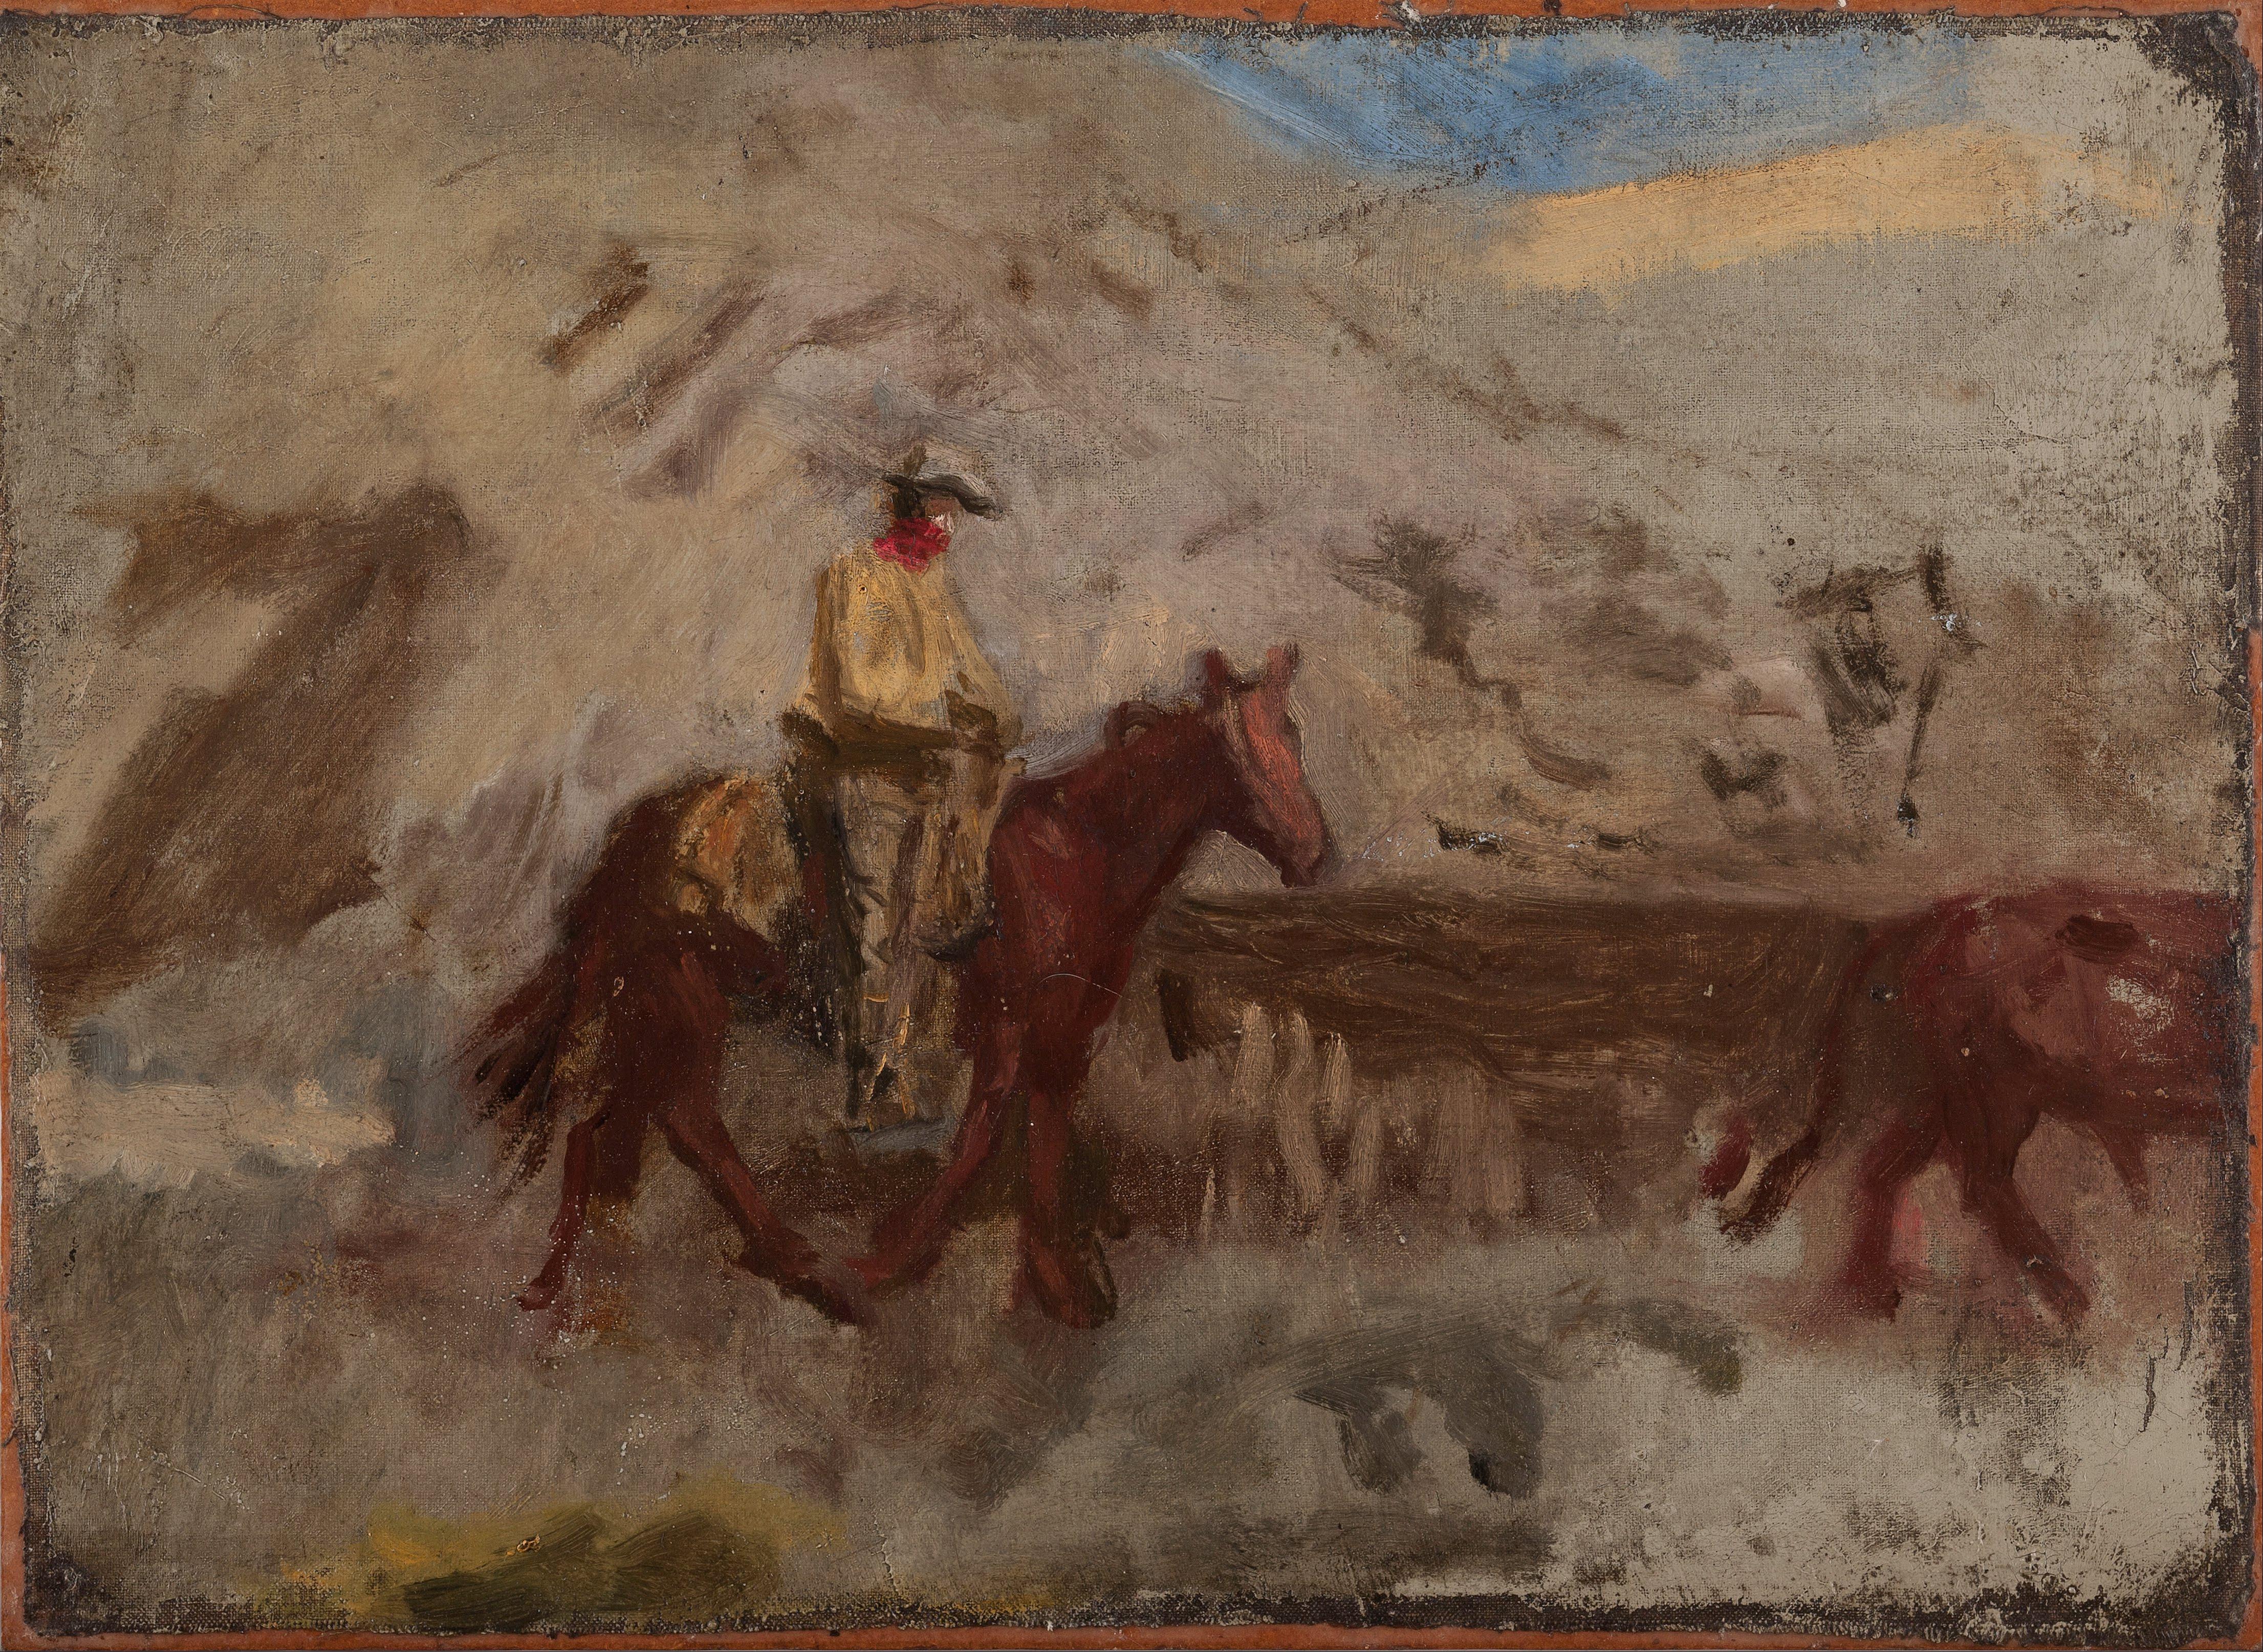 File:Thomas Eakins - S... Thomas Eakins Paintings